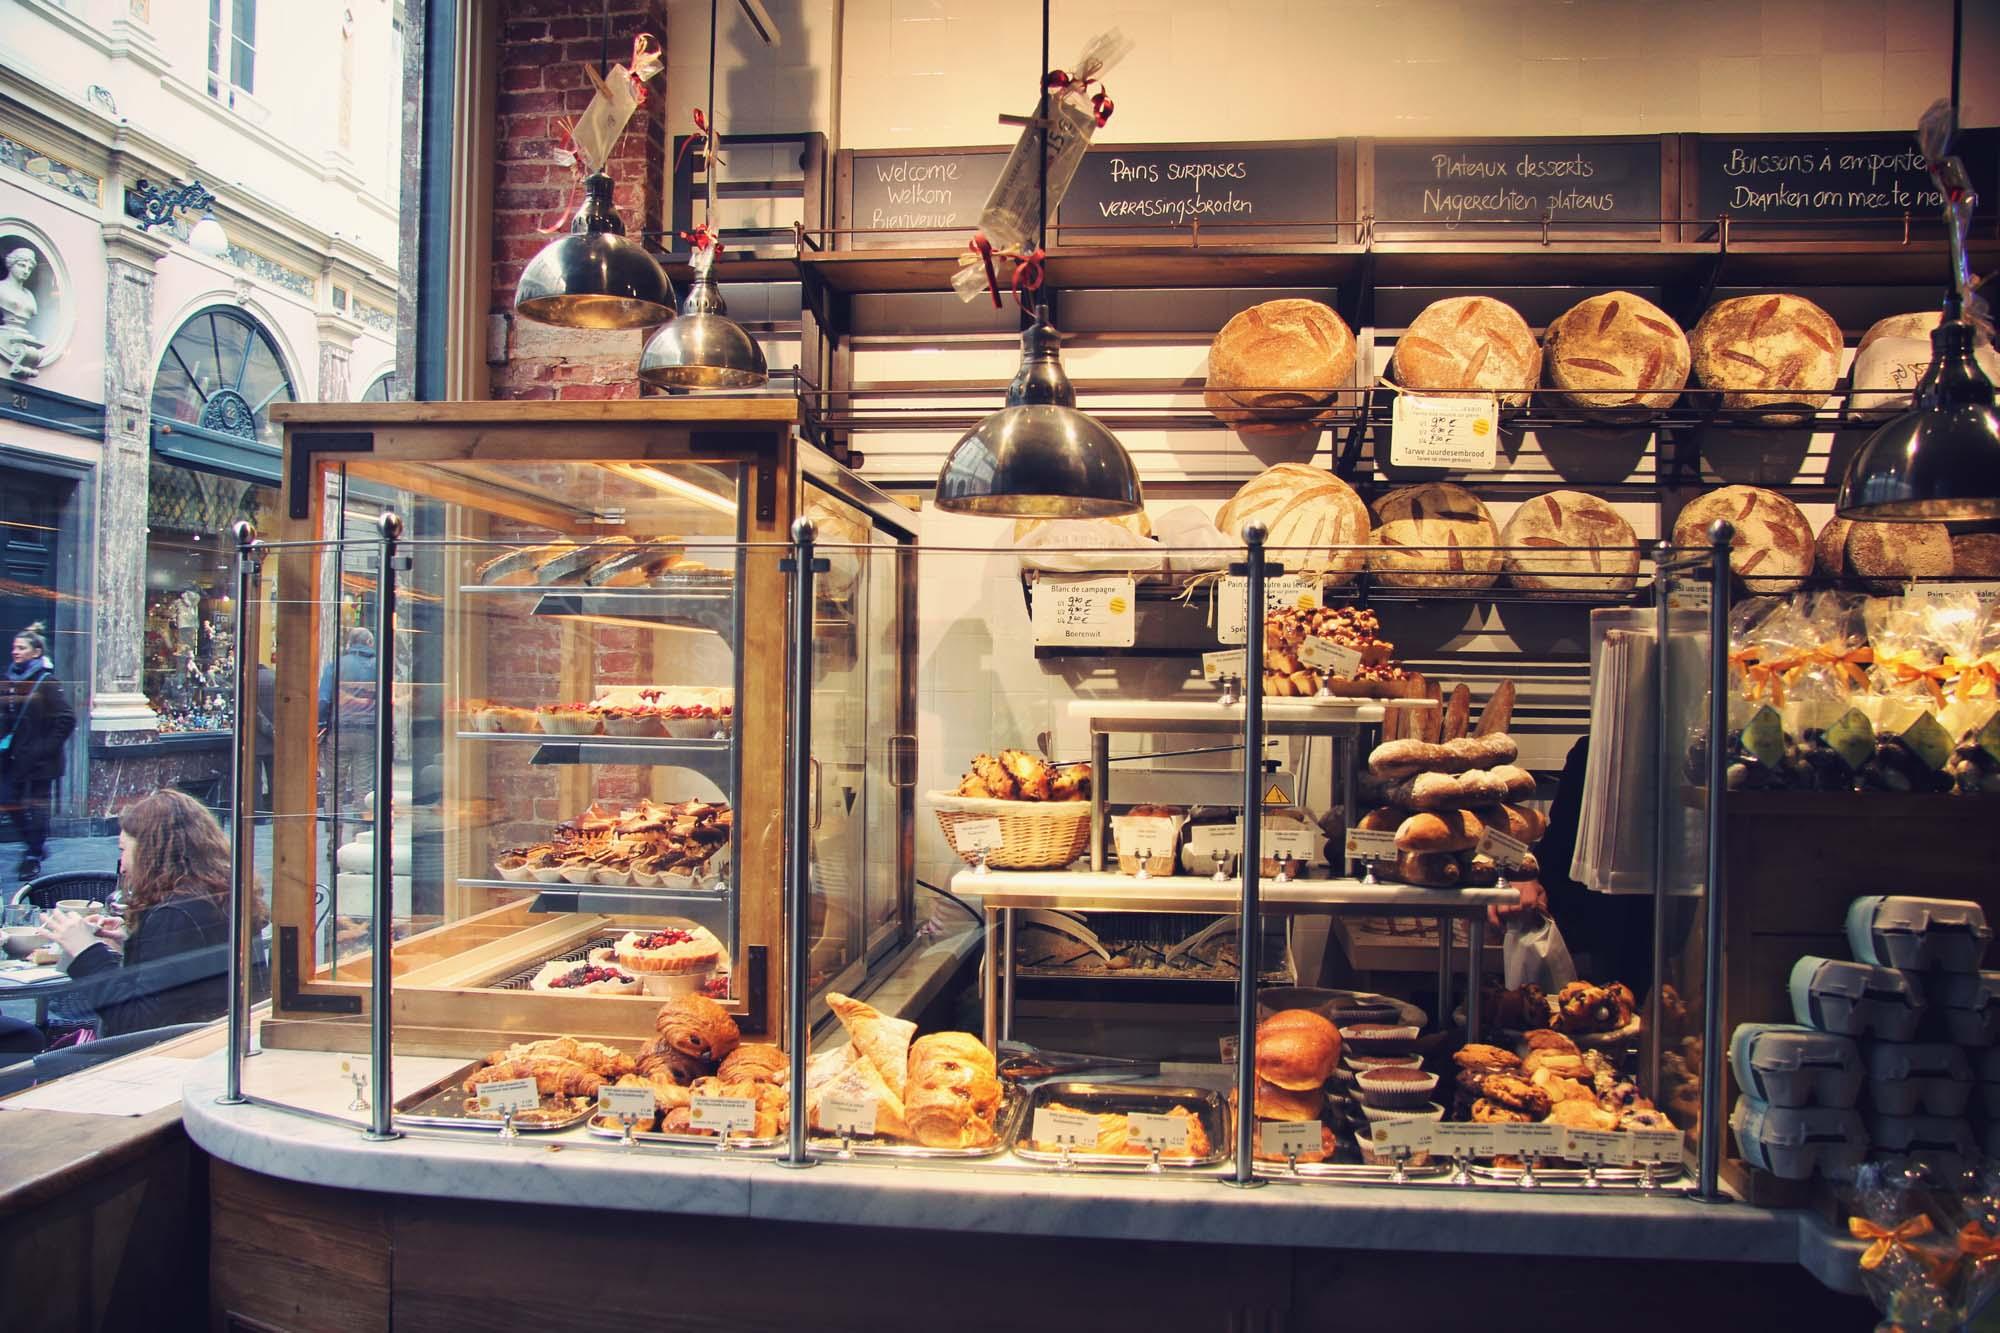 Le Pain Quotidien, à Bruxelles - TravelGuide - www.theflyingflour.com